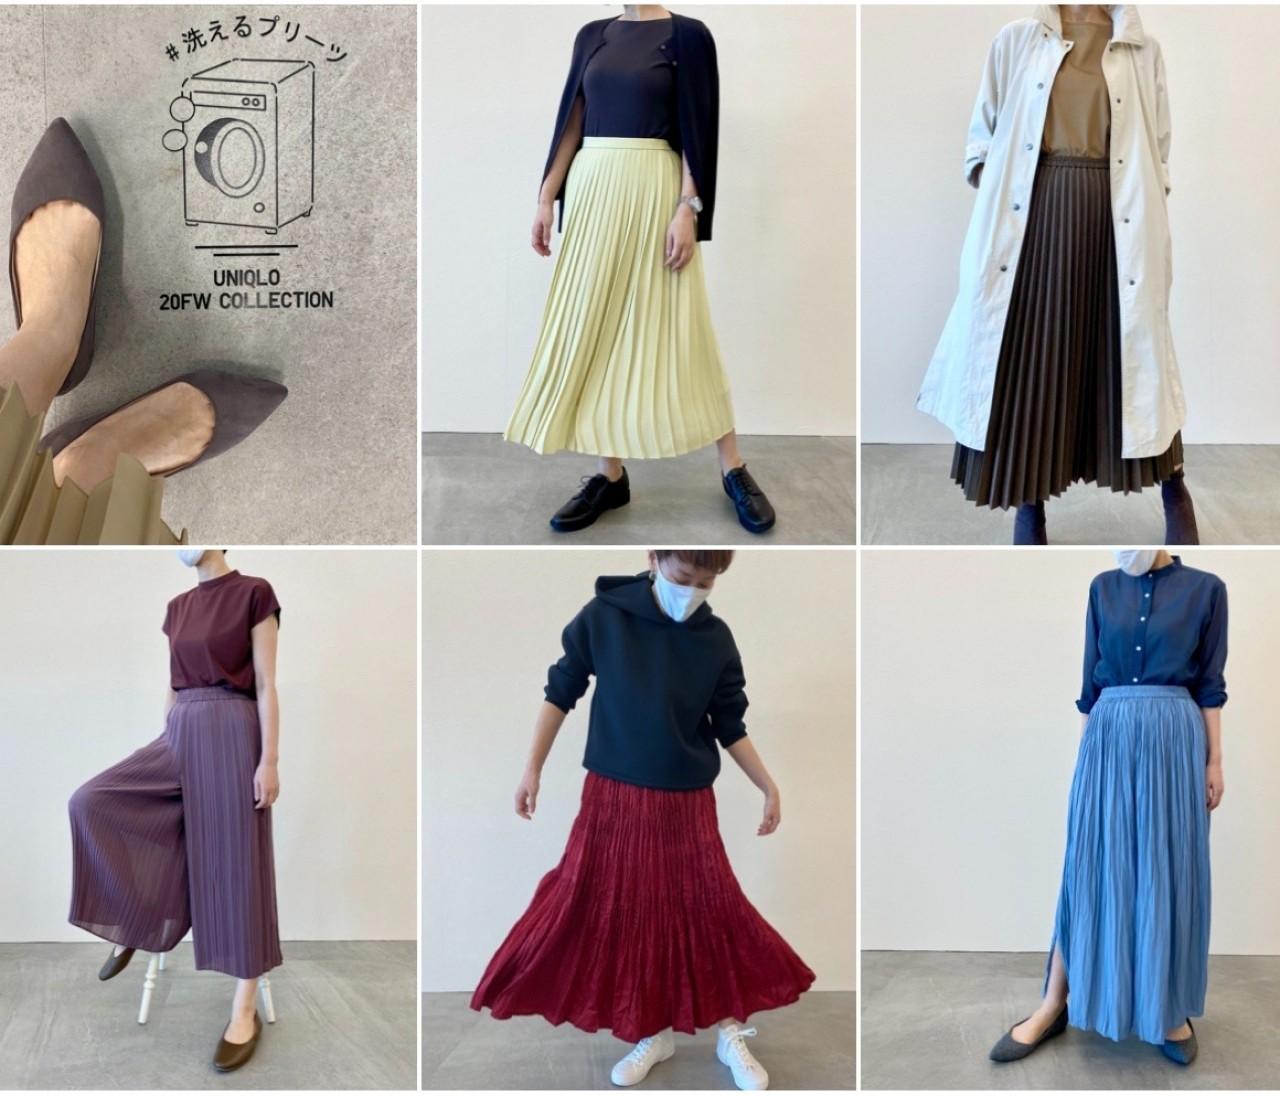 【ユニクロ(UNIQLO)のプリーツパンツ&スカートが売れている理由】自宅で洗ってもプリーツがとれない究極のきれいめテレワーク服新作を、現役秘書と徹底レビュー